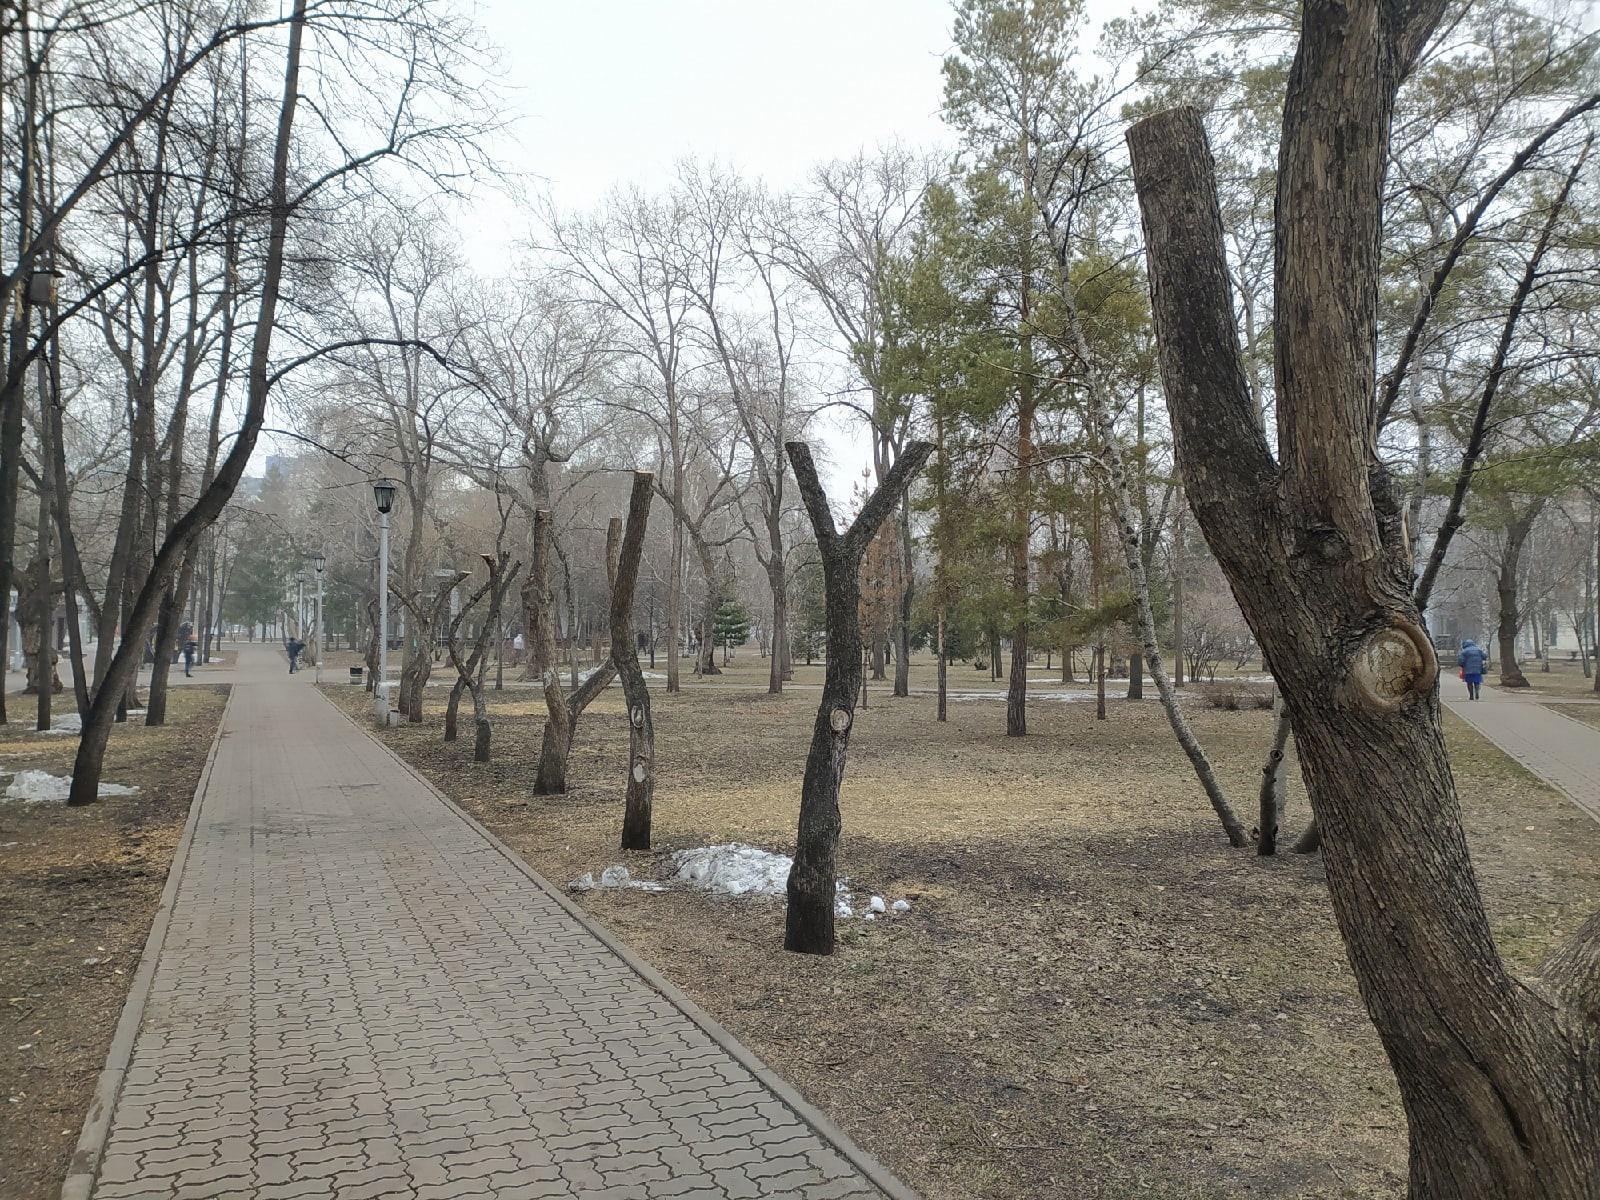 фото В Первомайском сквере Новосибирска обрезали деревья – как в фильме ужасов 4